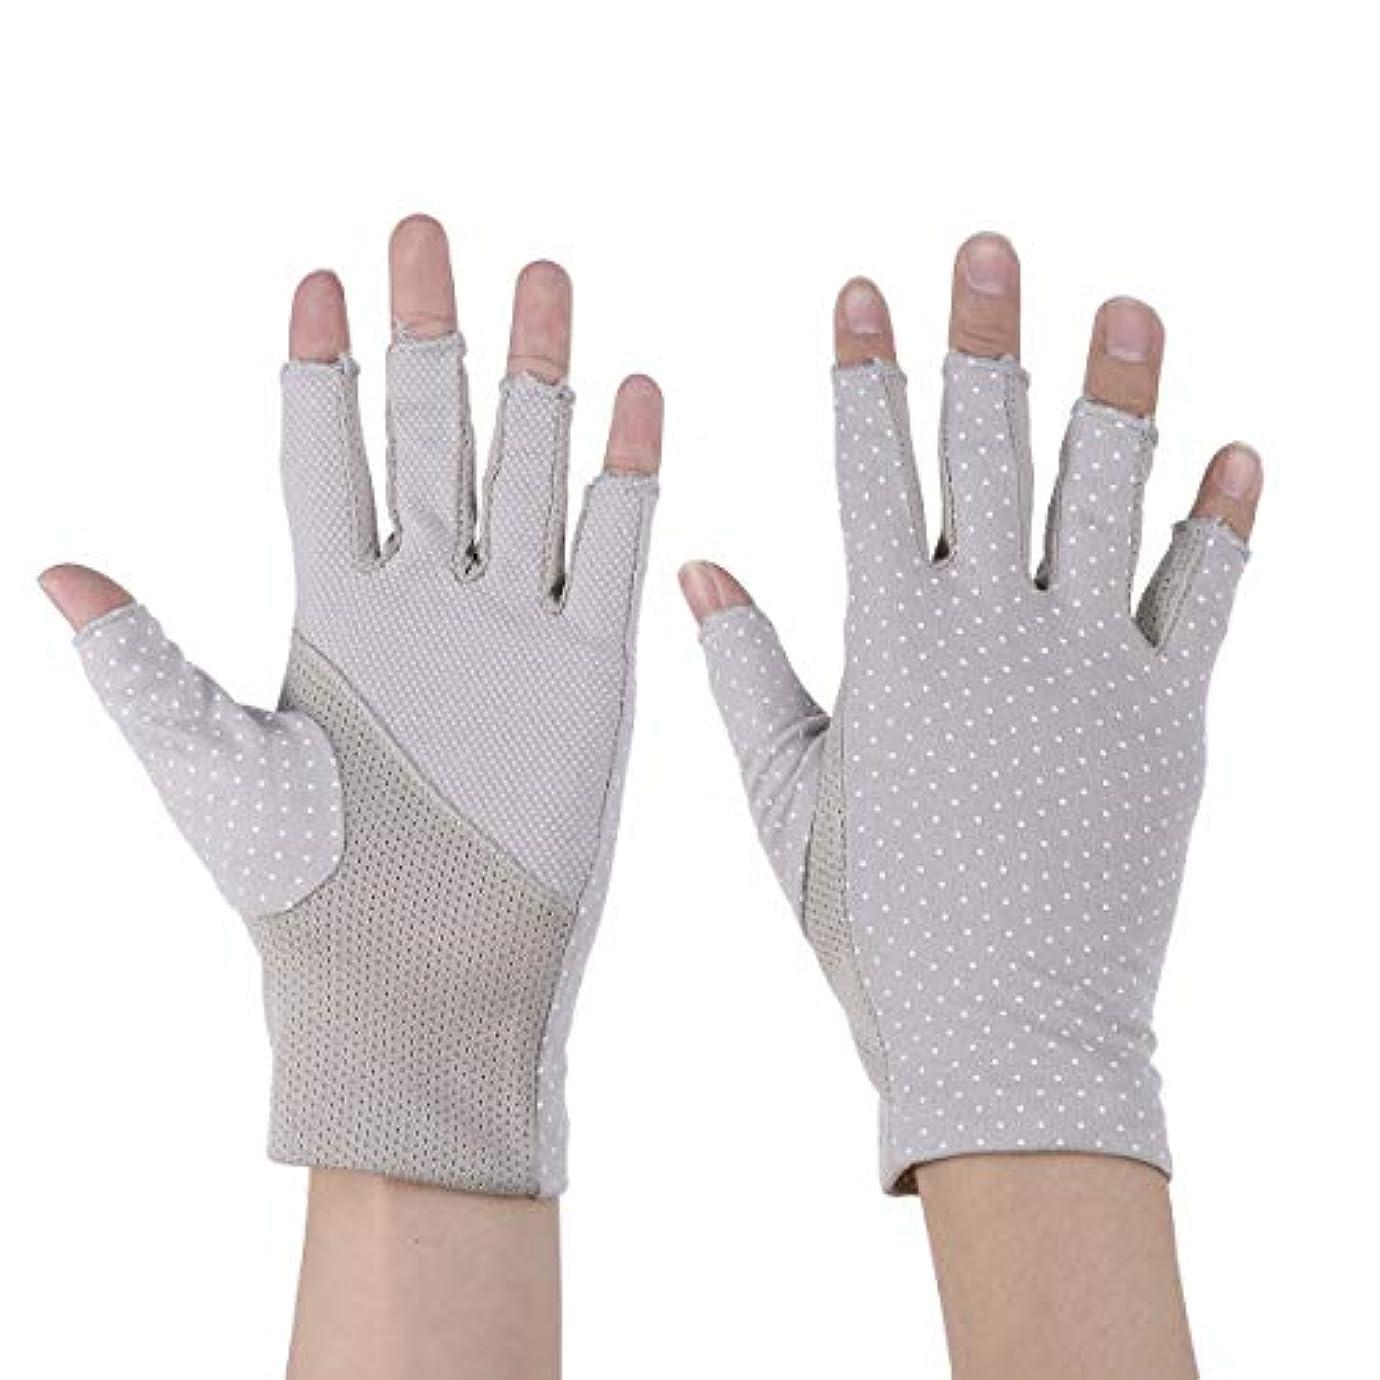 ランタンカプセル帽子Healifty 1ペア日焼け止め手袋ワークアウトミトンハーフフィンガー紫外線保護手袋用サイクリンググレー